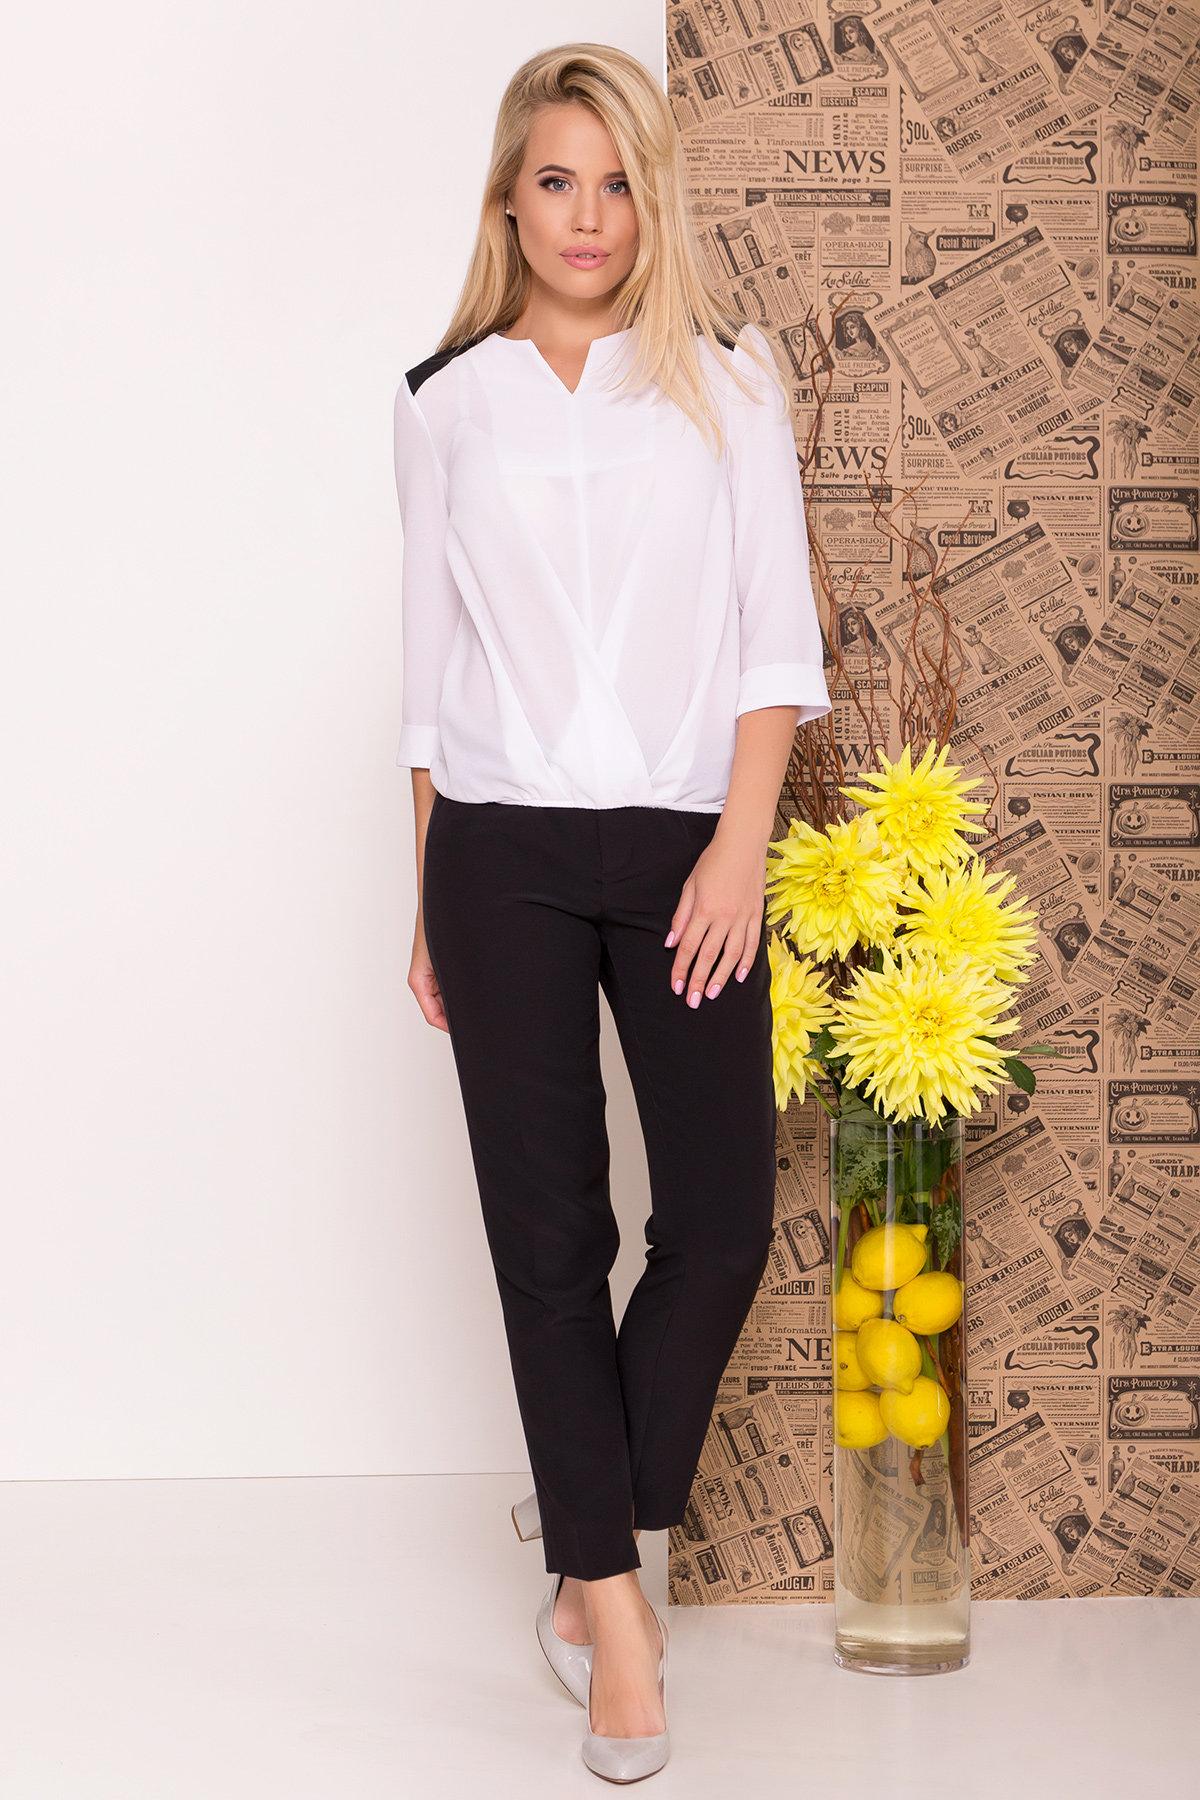 Блуза рукав 3/4 Модена 7728 АРТ. 43656 Цвет: Белый/черный - фото 1, интернет магазин tm-modus.ru